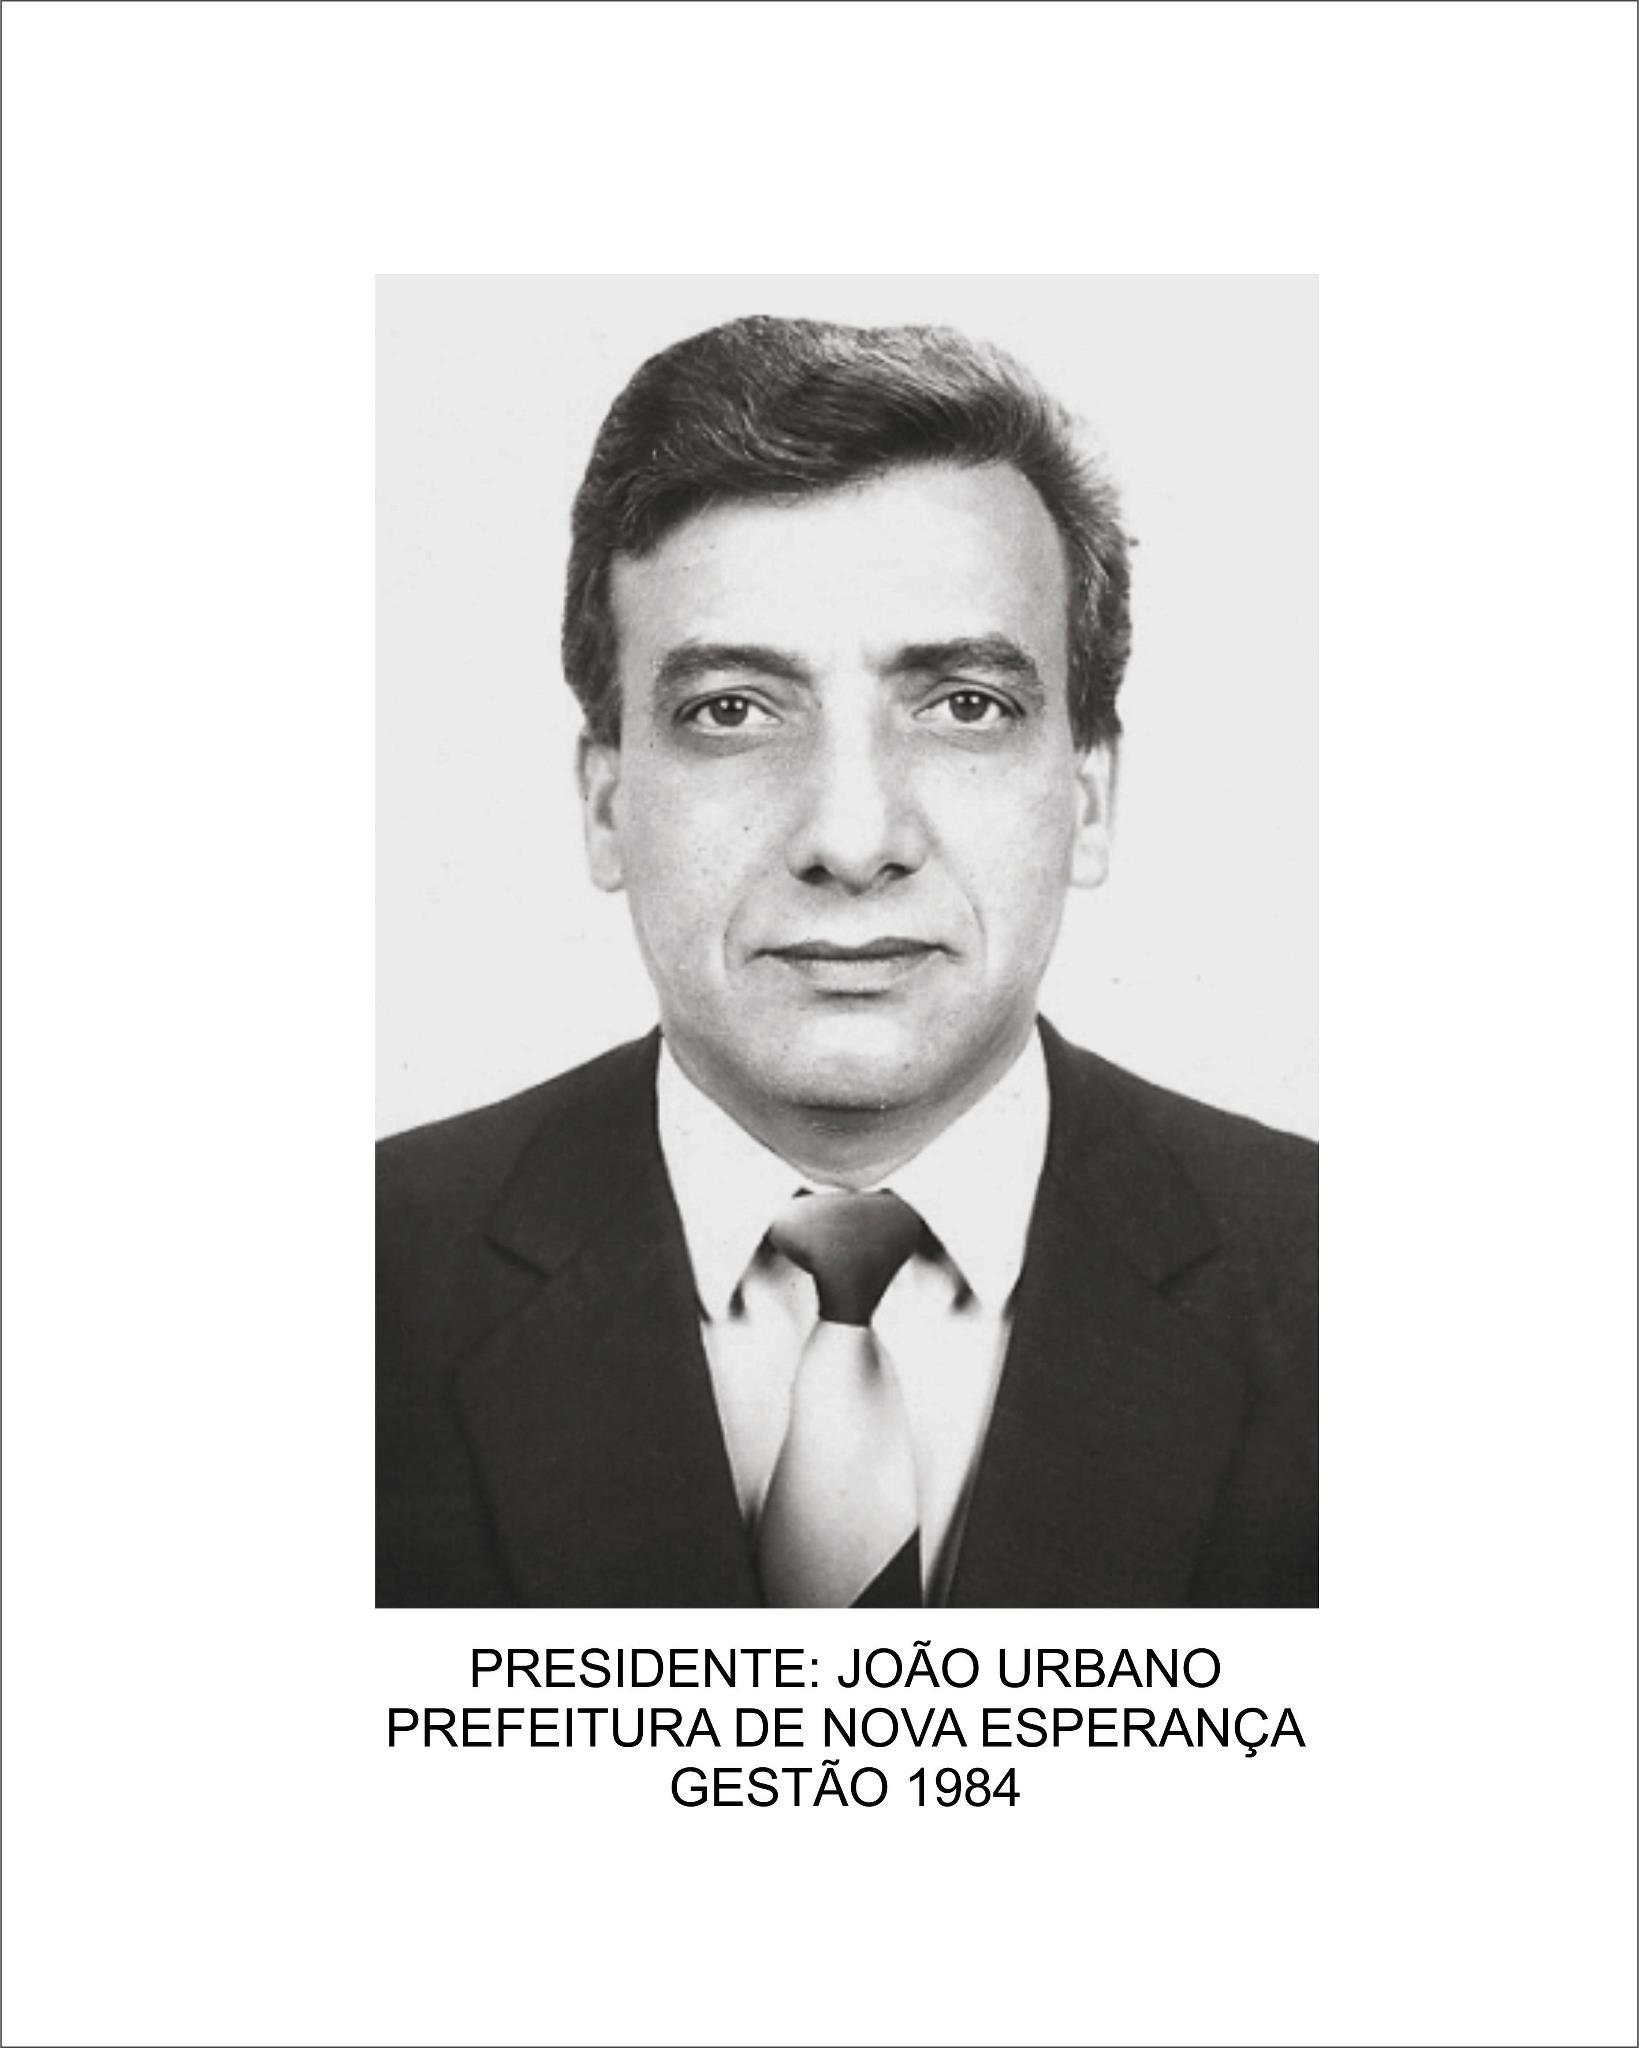 João Urbano